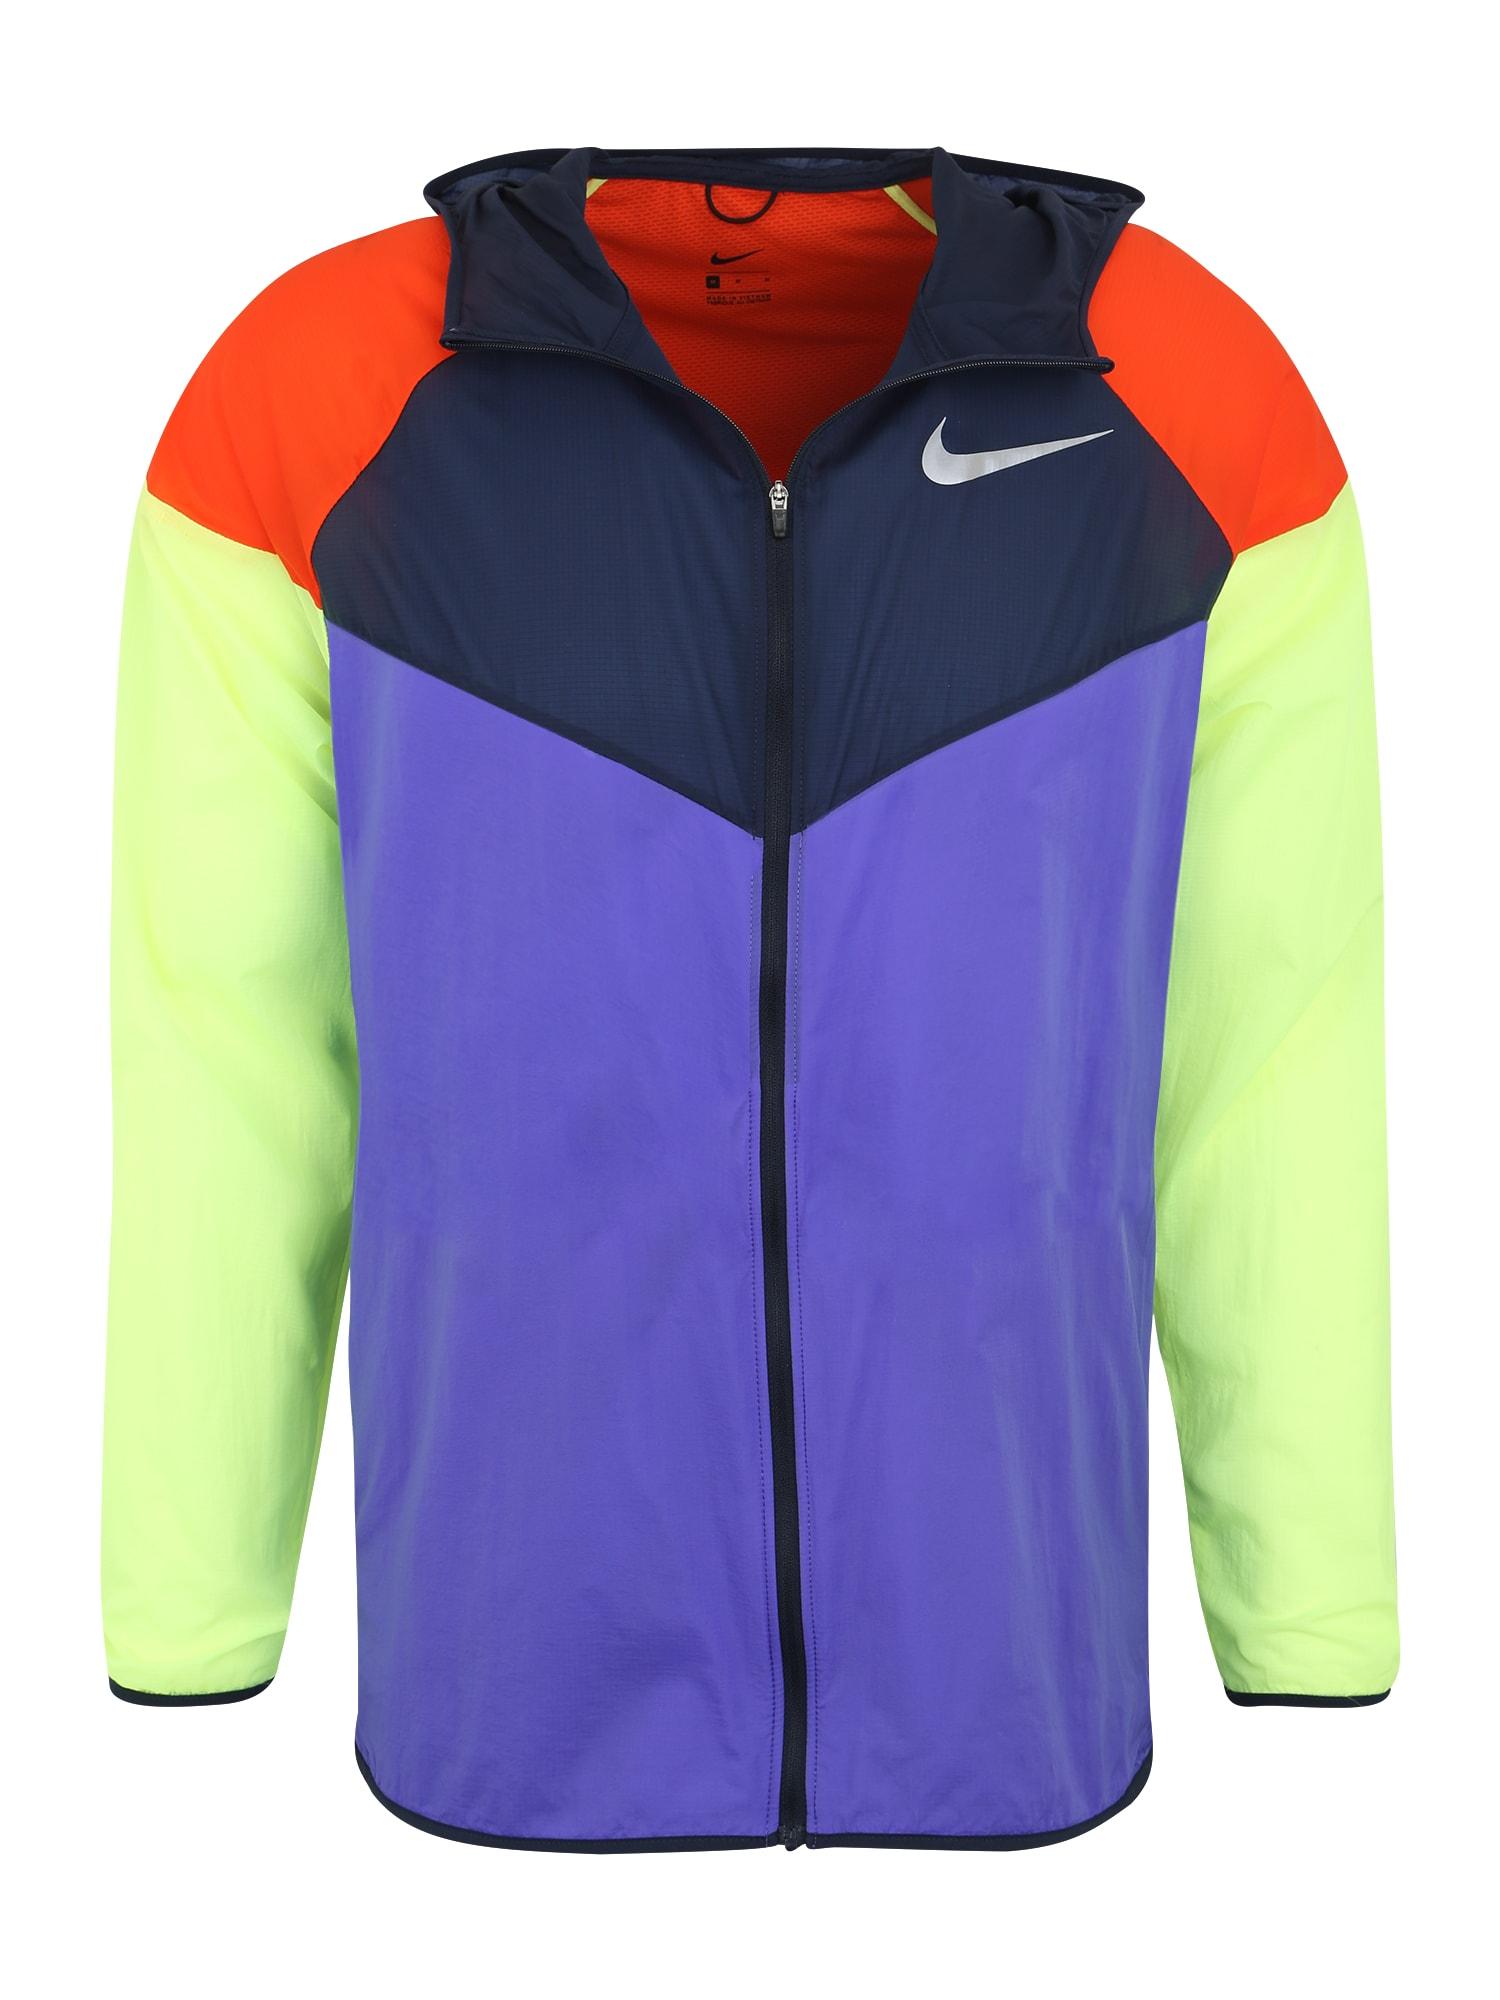 Sportovní bunda M NK WINDRUNNER limetková fialová černá NIKE